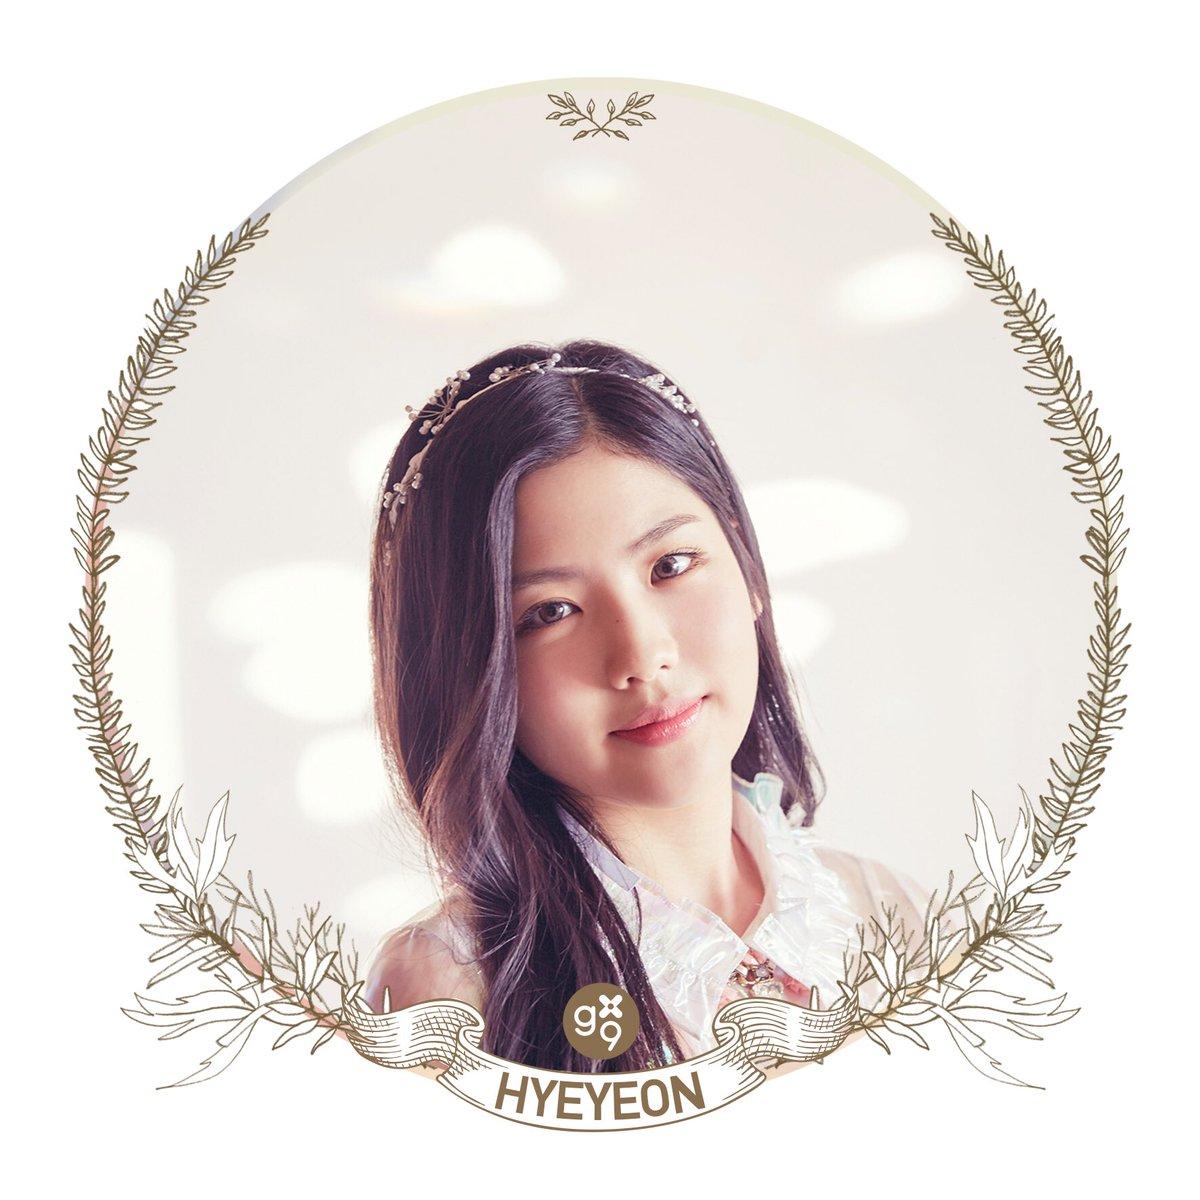 Hyeyeon gx9